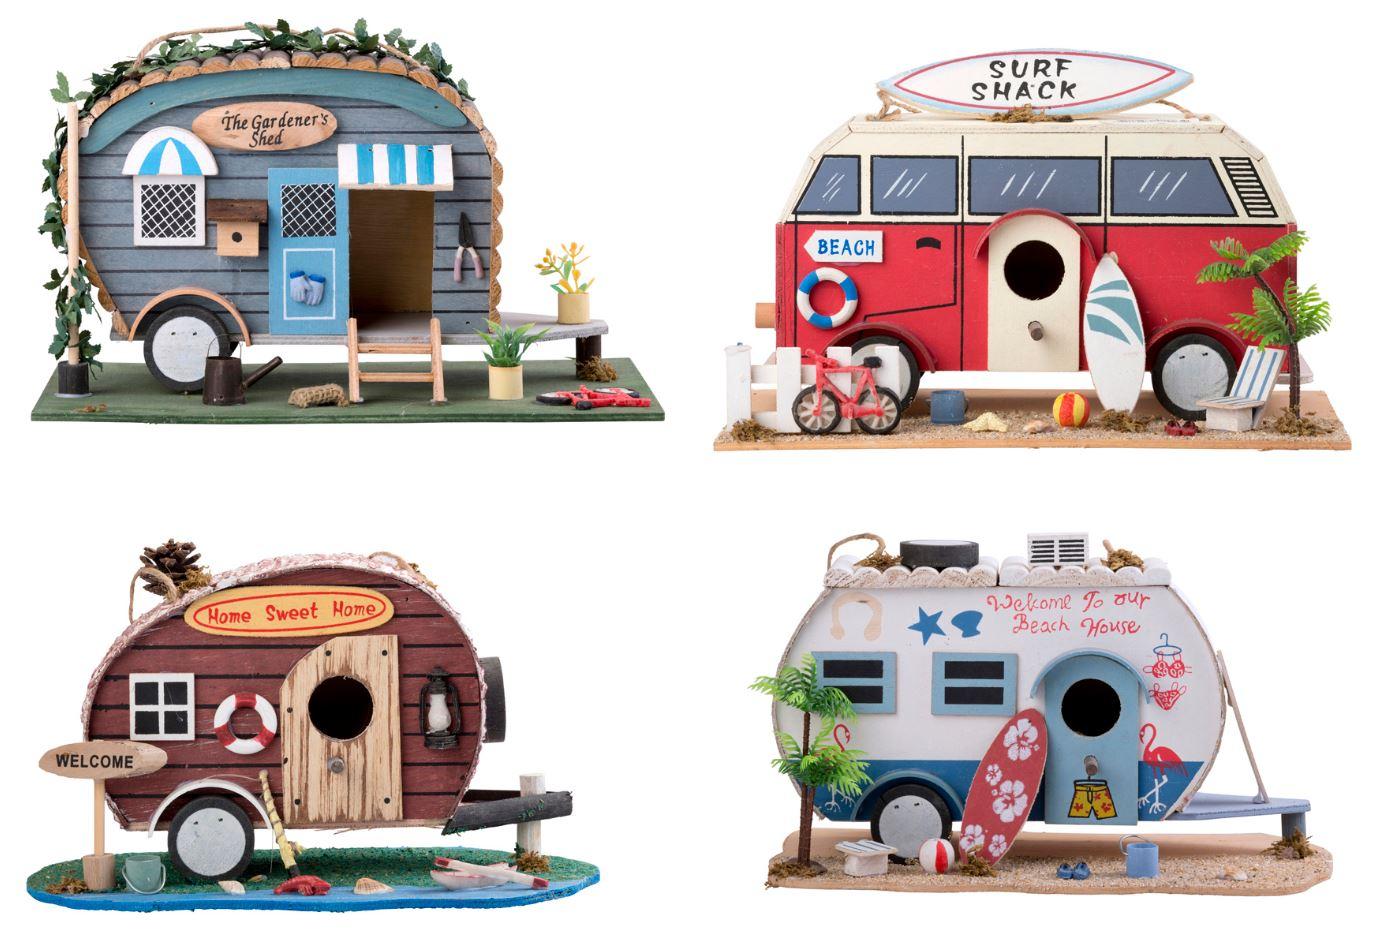 surf bus camper vogelhaus nistkasten bruthaus futterhaus. Black Bedroom Furniture Sets. Home Design Ideas